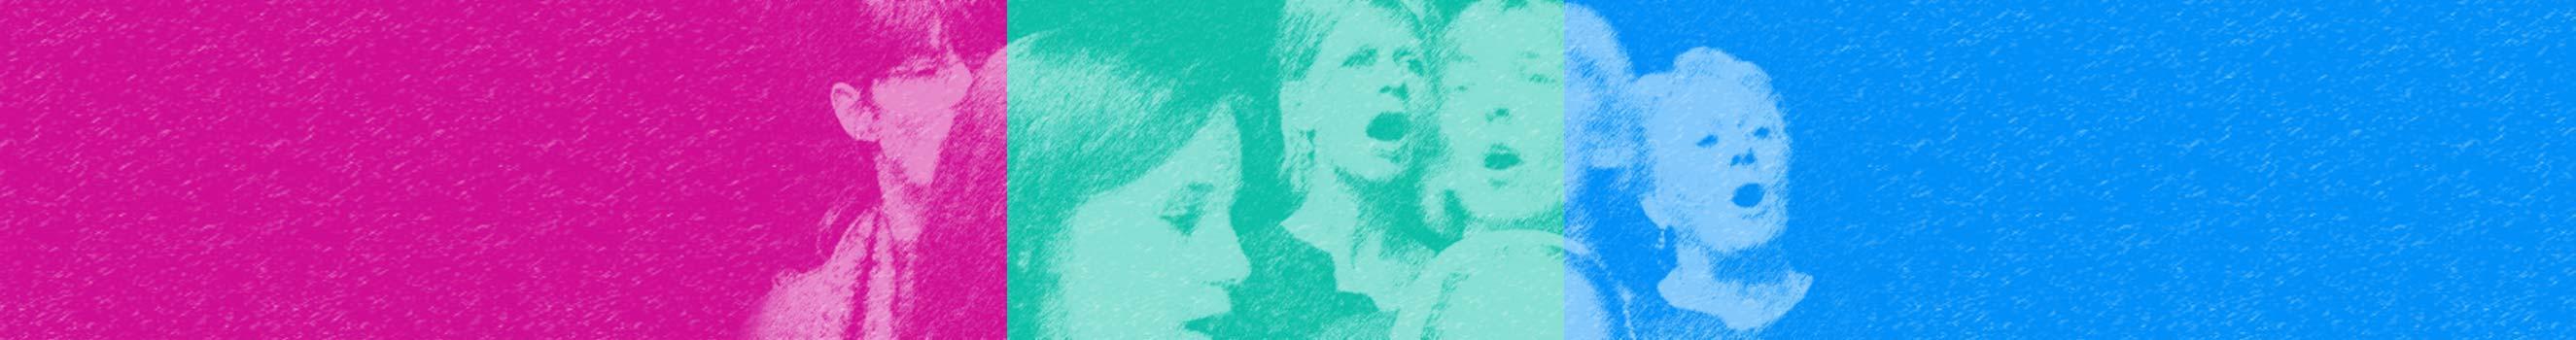 kathie prince - musician, teacher, singer